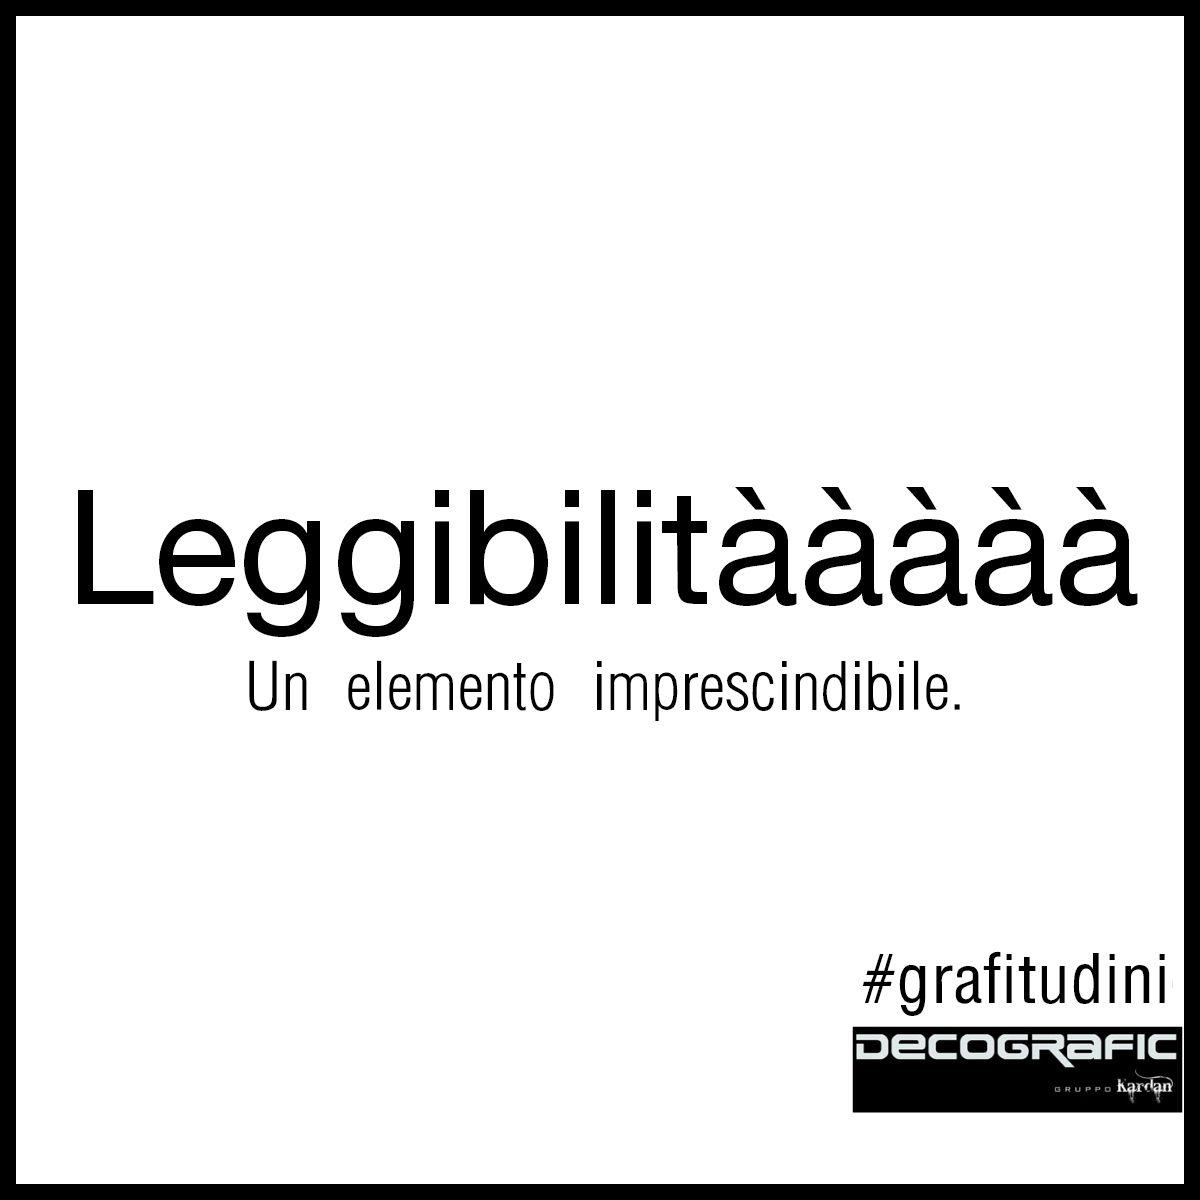 ♪ ♫ Leggibilità! Un elemento imprescindibile per un'impaginazione stabile… che punti all'eternità! ♫ (semi-citazione da Arisa) #grafitudini #robedagrafici #graphicdesign | Decografic Gruppo Kardan www.decografic.com